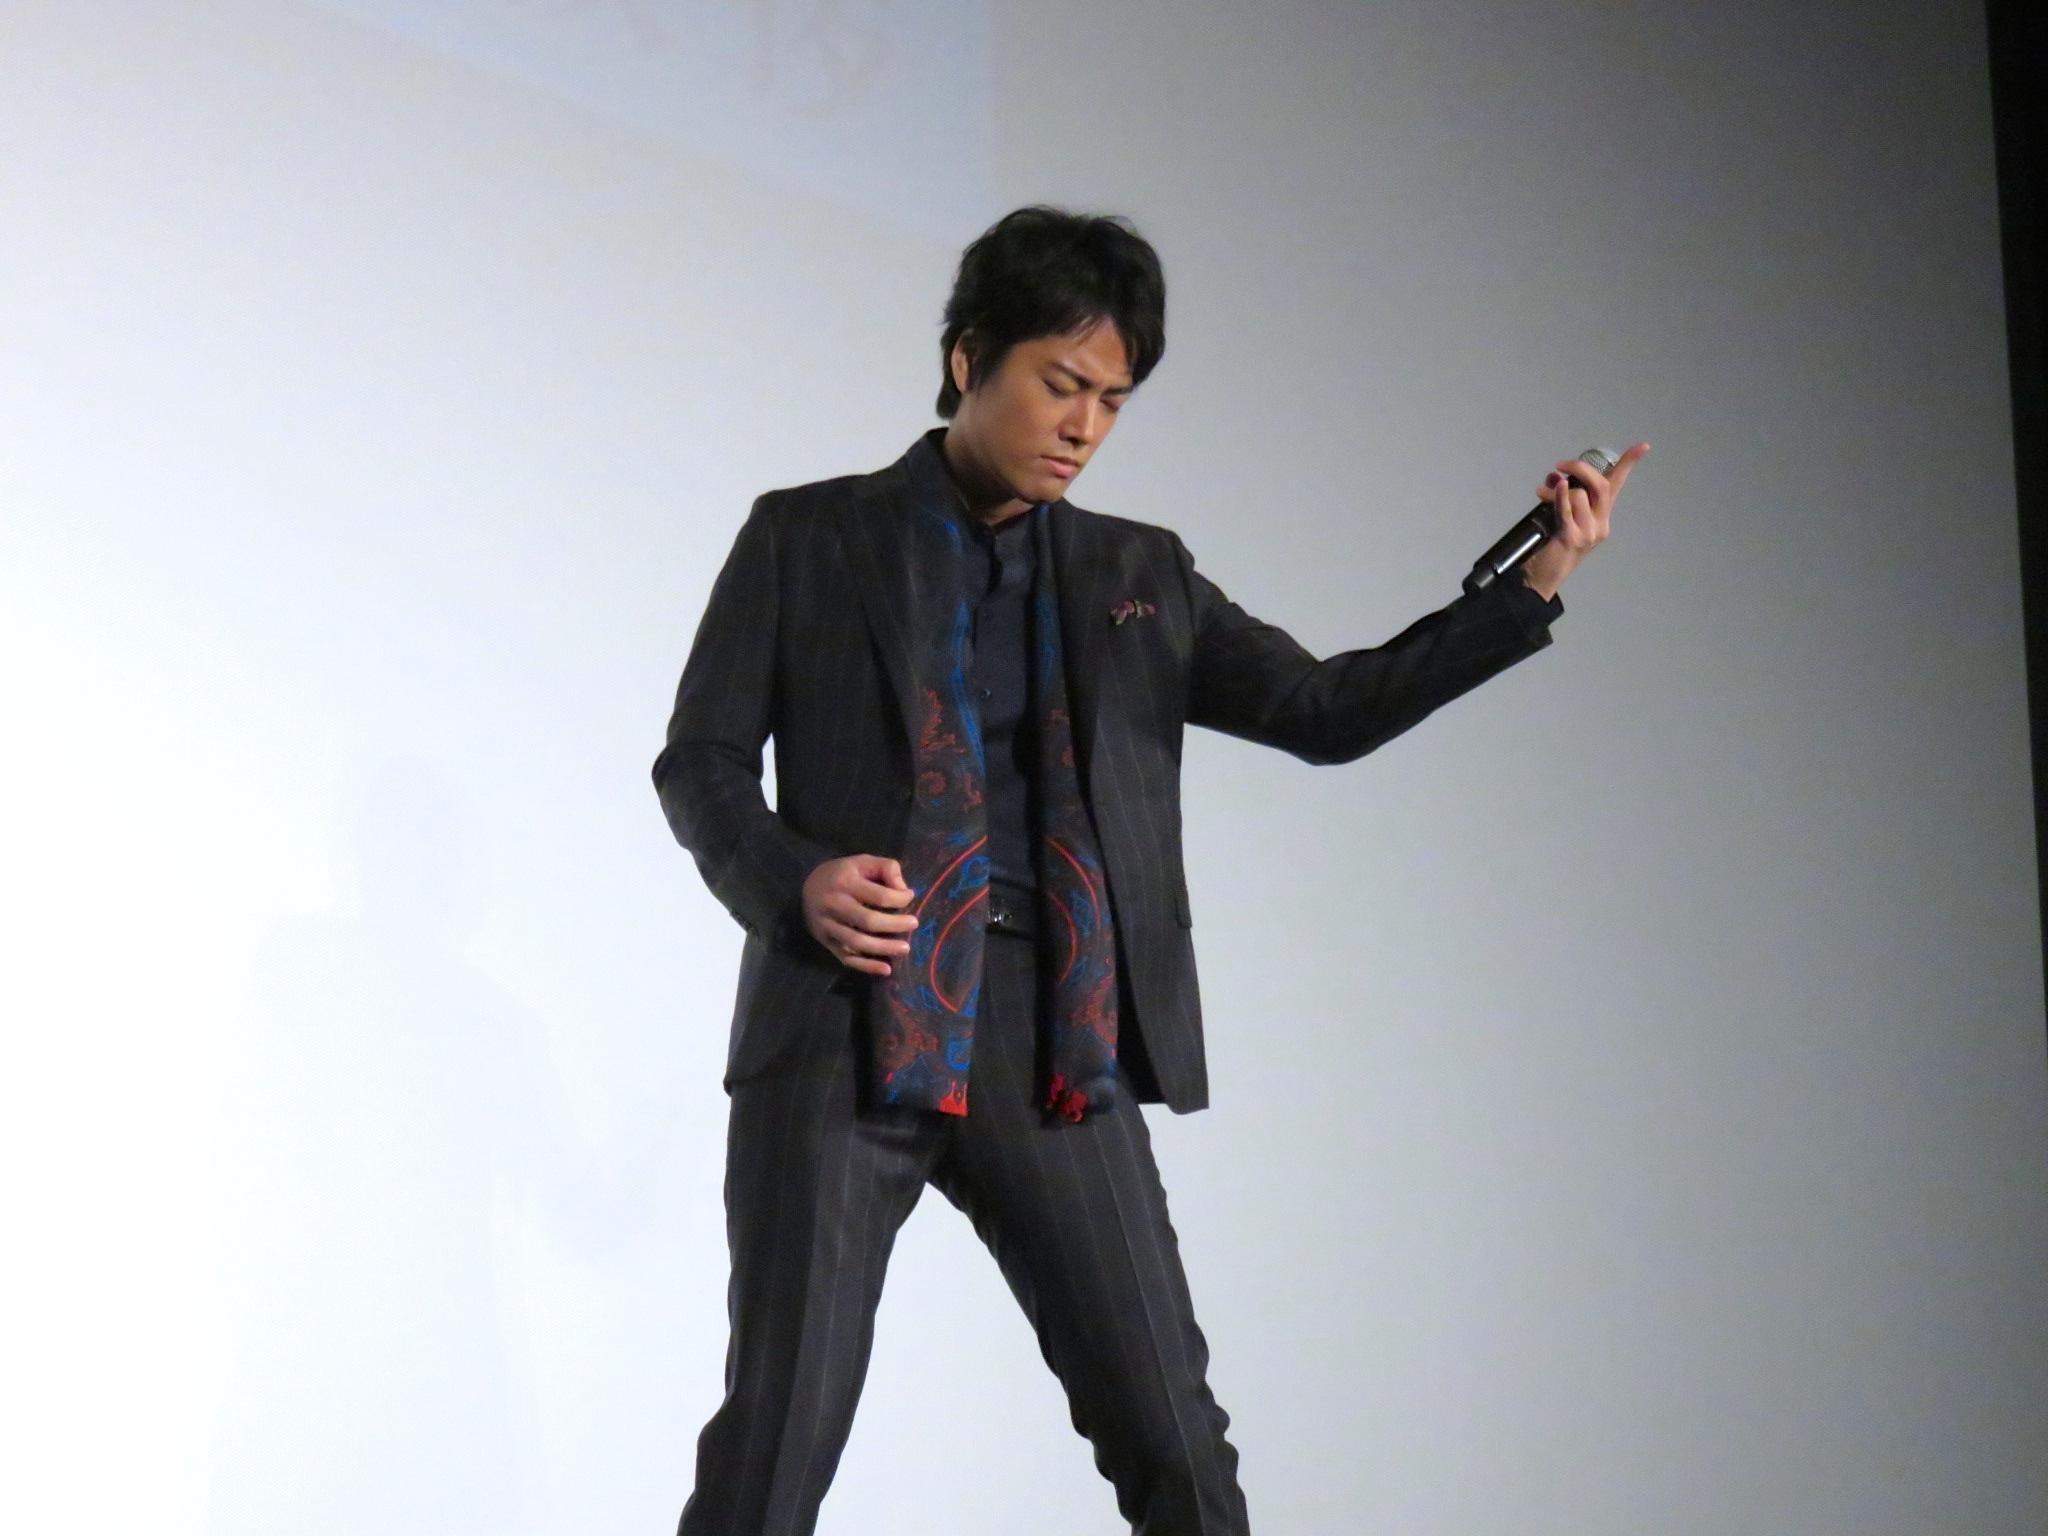 http://news.yoshimoto.co.jp/20171201003536-c232b33a19e51dc8755bdd87d974c04d207efb40.jpg